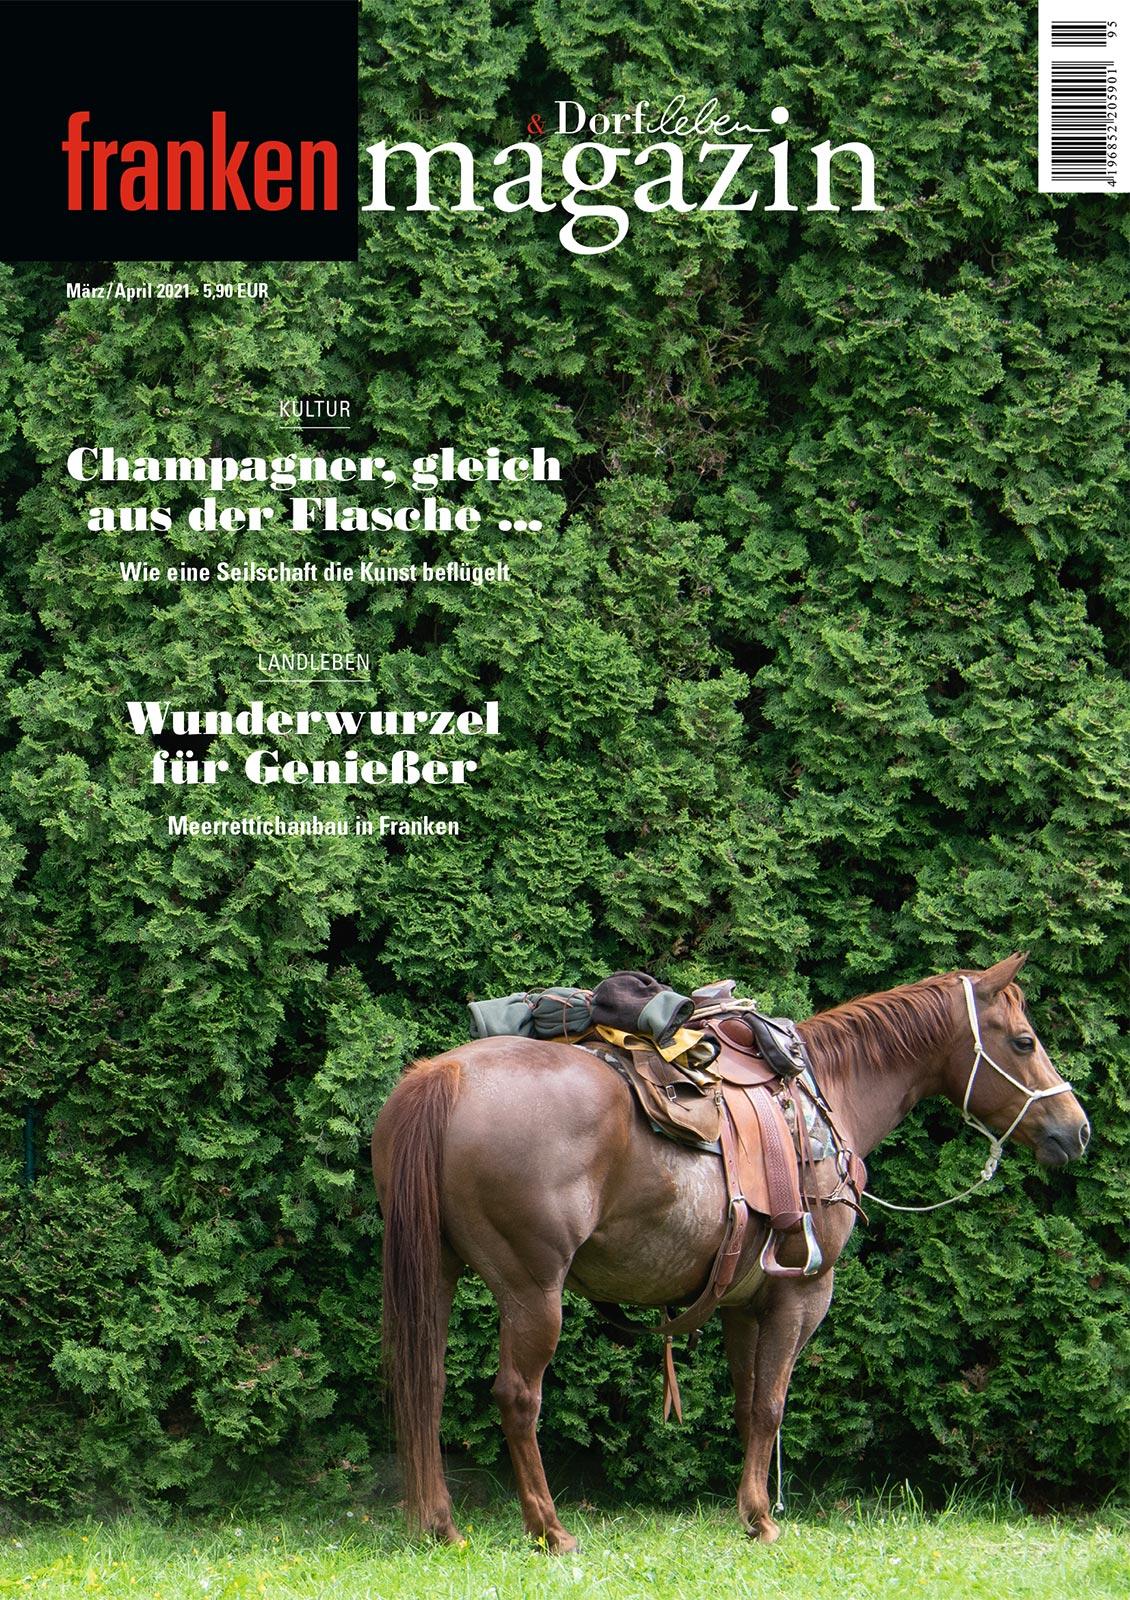 Franken-Magazin - Ausgabe 03/04 2021